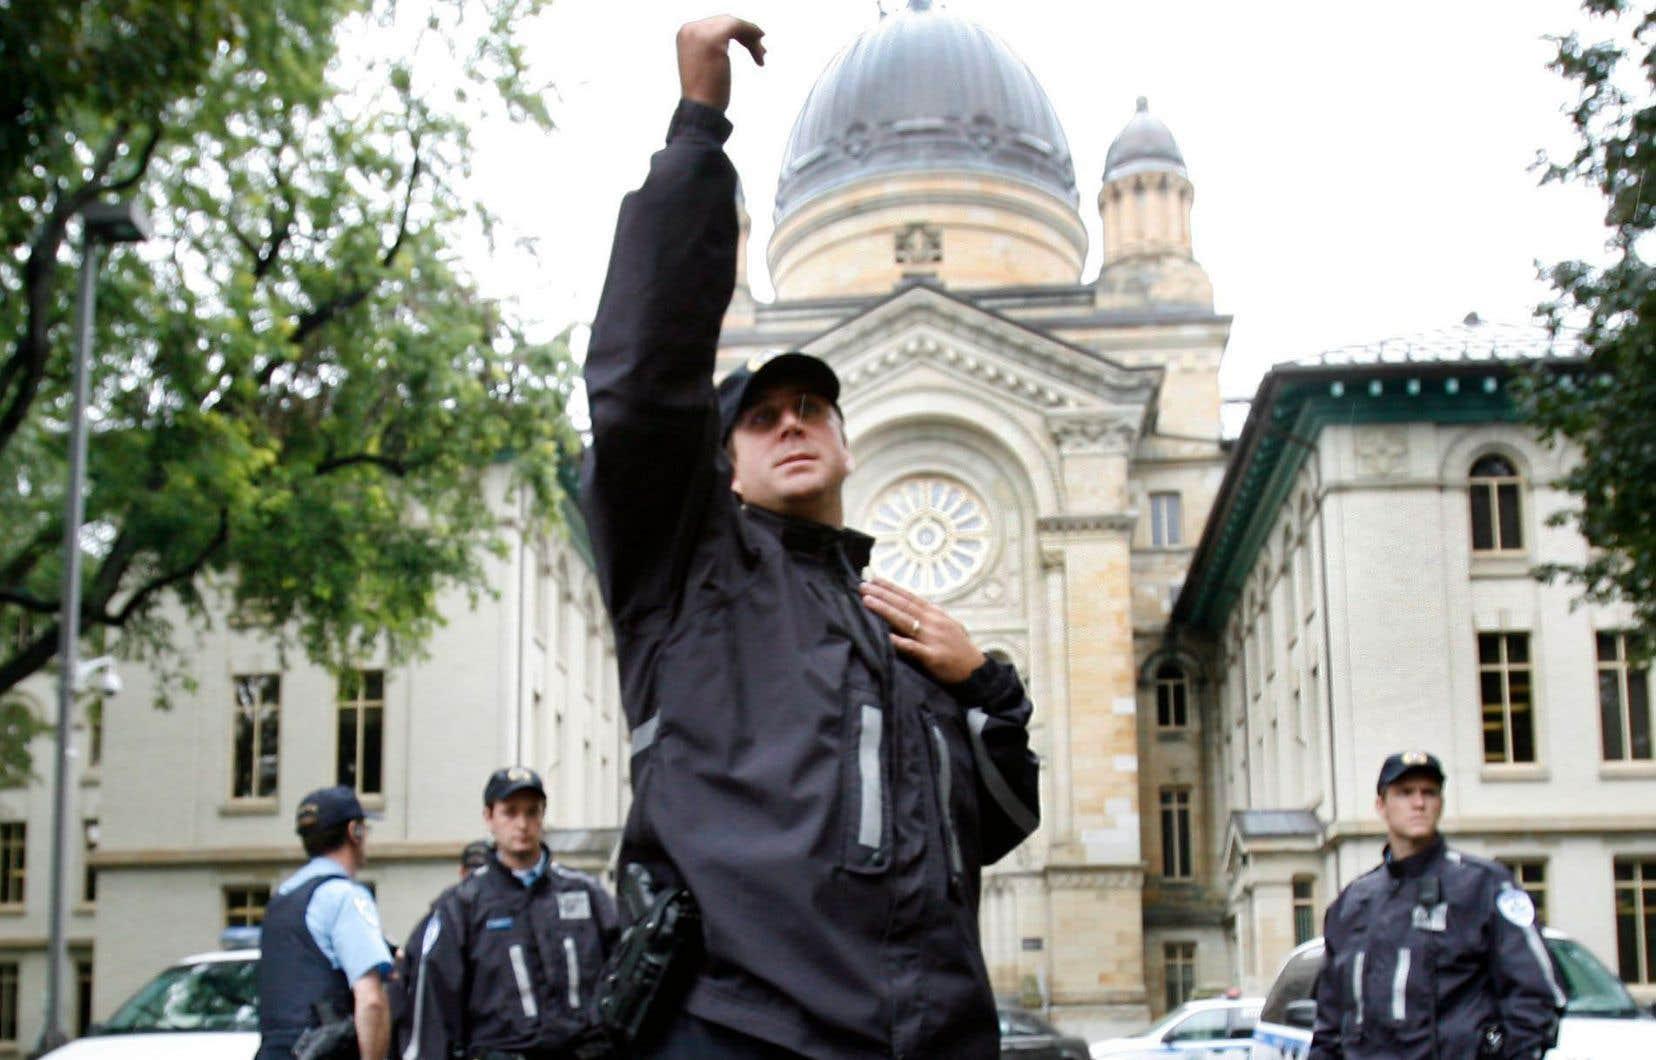 L'exercice de confinement a été développé en 2009, dans la foulée de l'attentat au Collège Dawson.